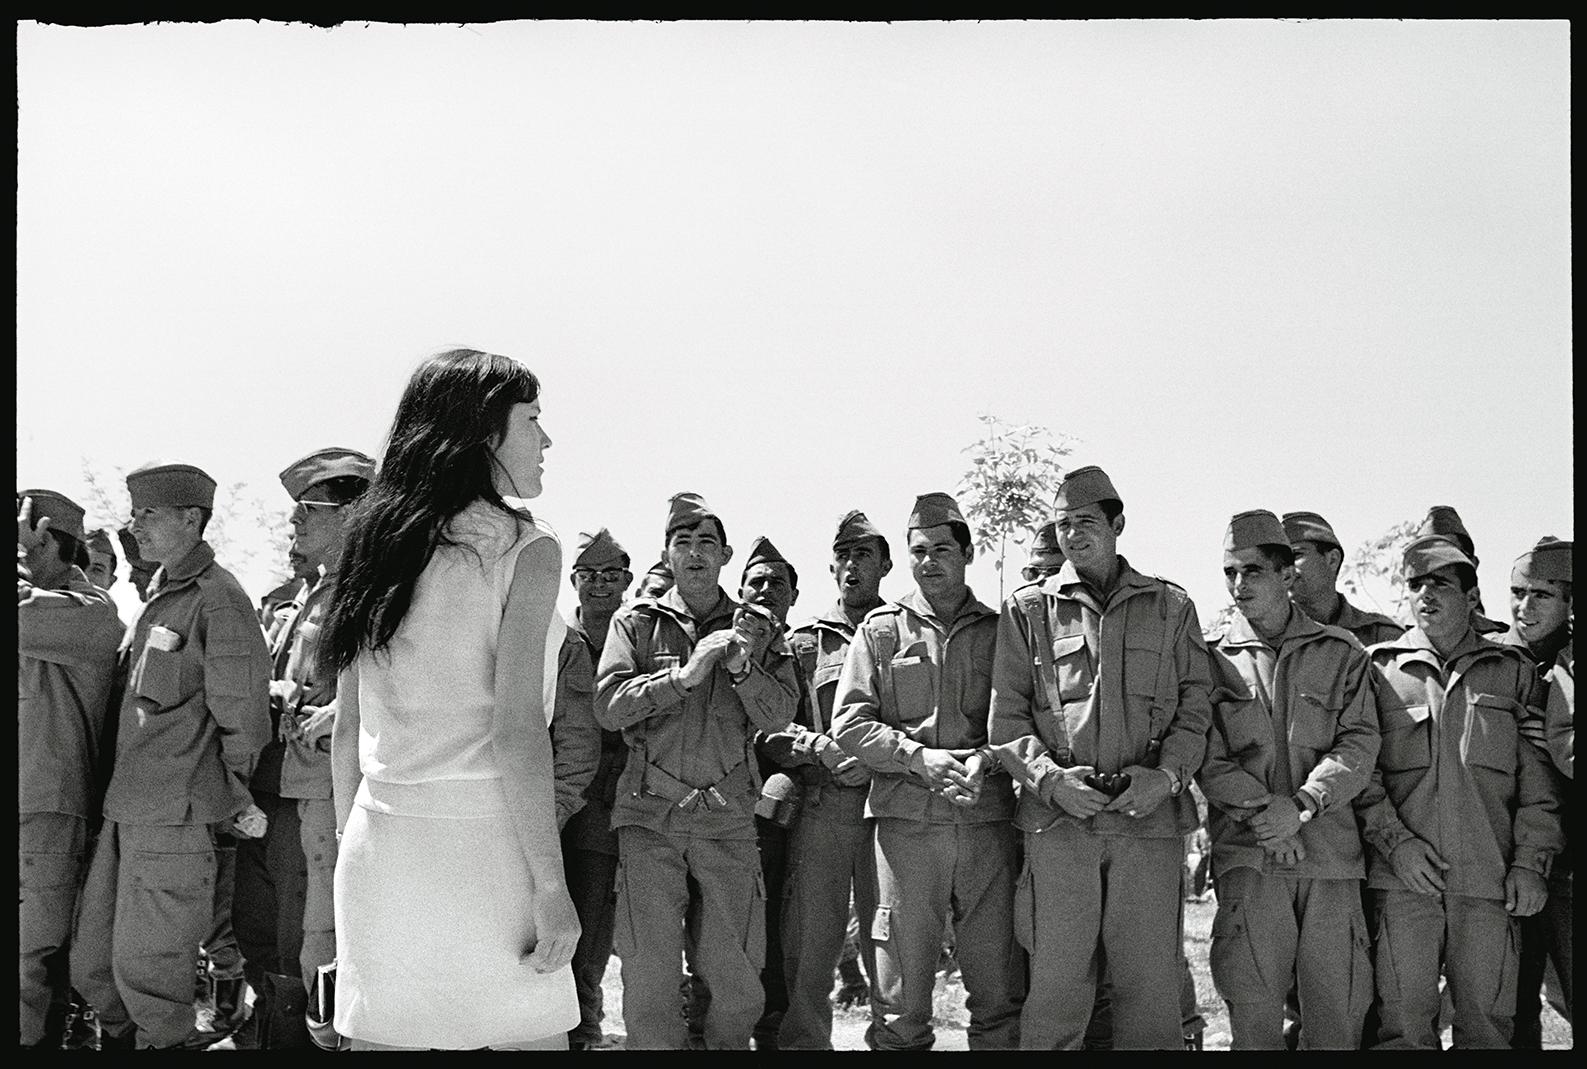 Soldados de Franco<br/>